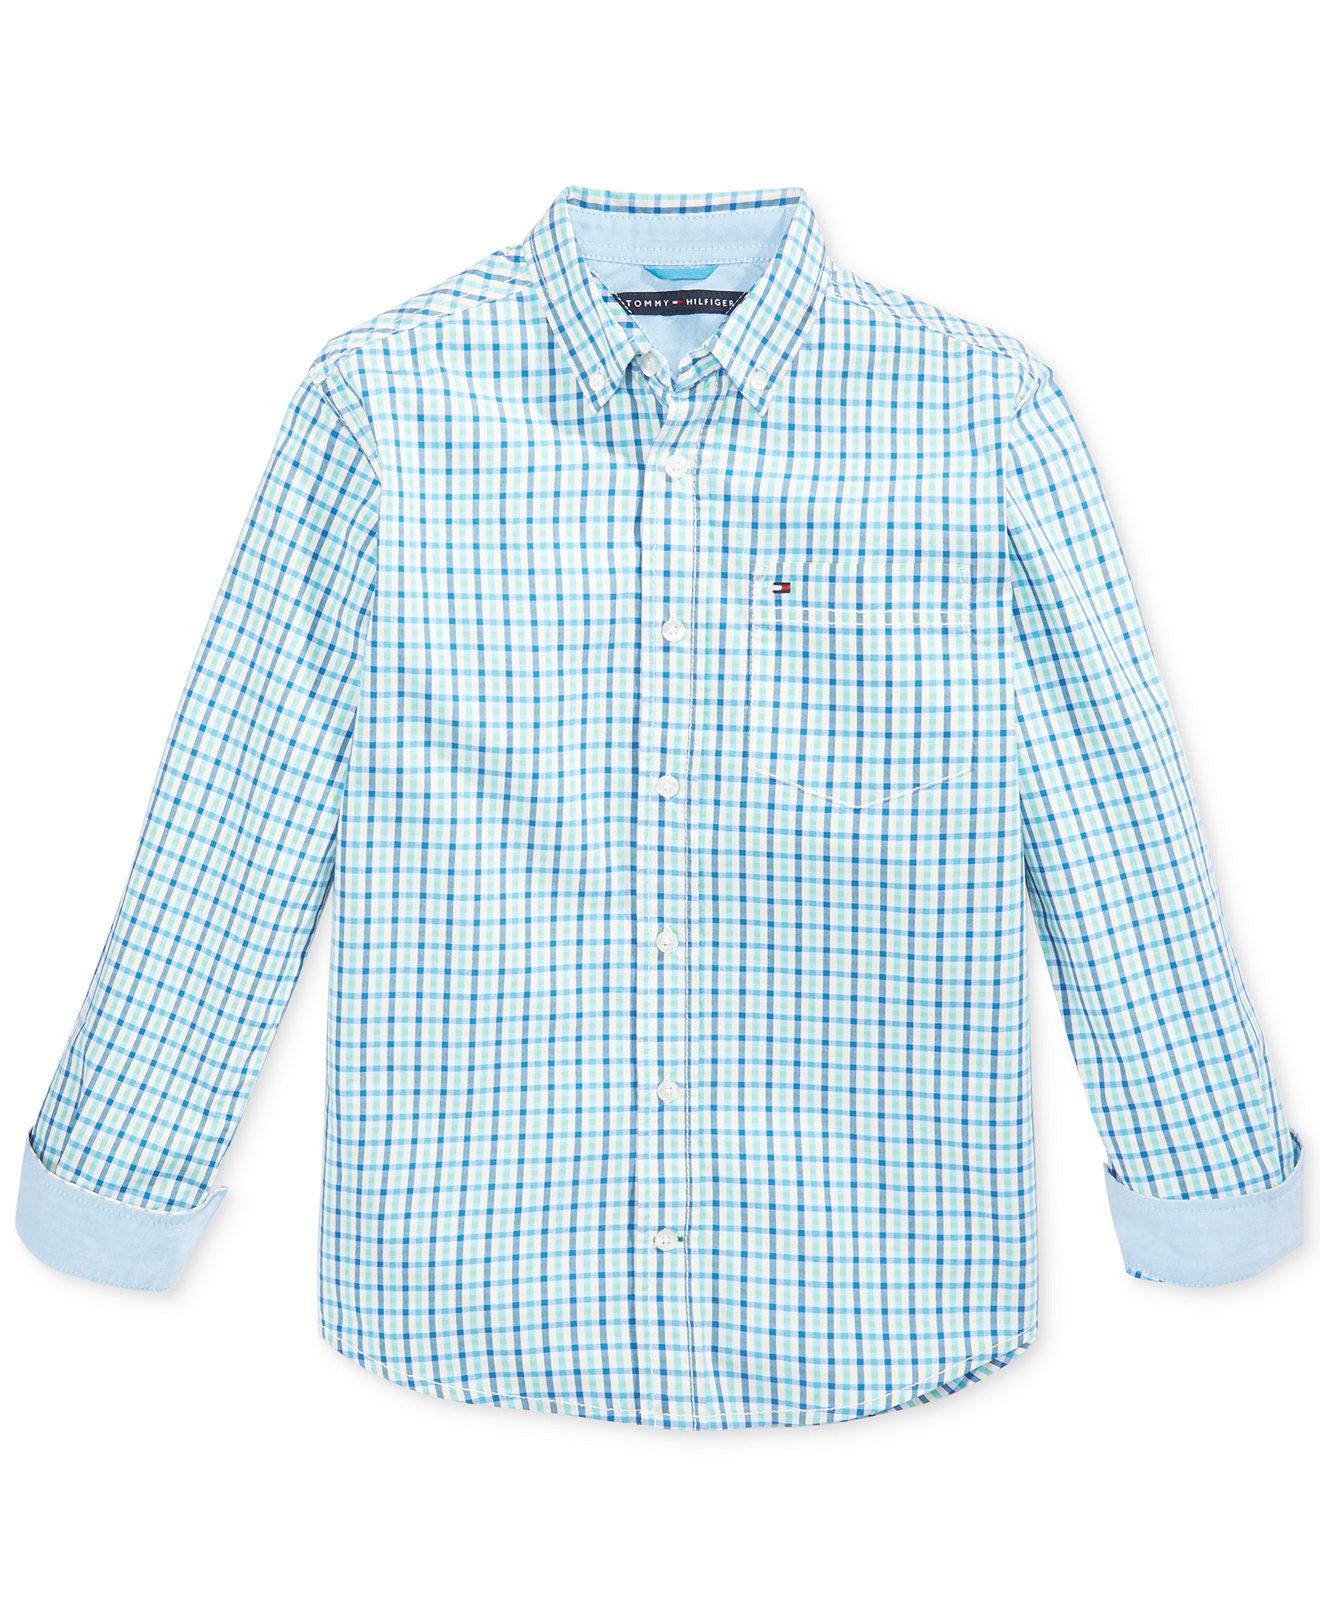 Рубашка детская Tommy hilfiger  2015 футболка детская tommy hilfiger 2015 polo ml